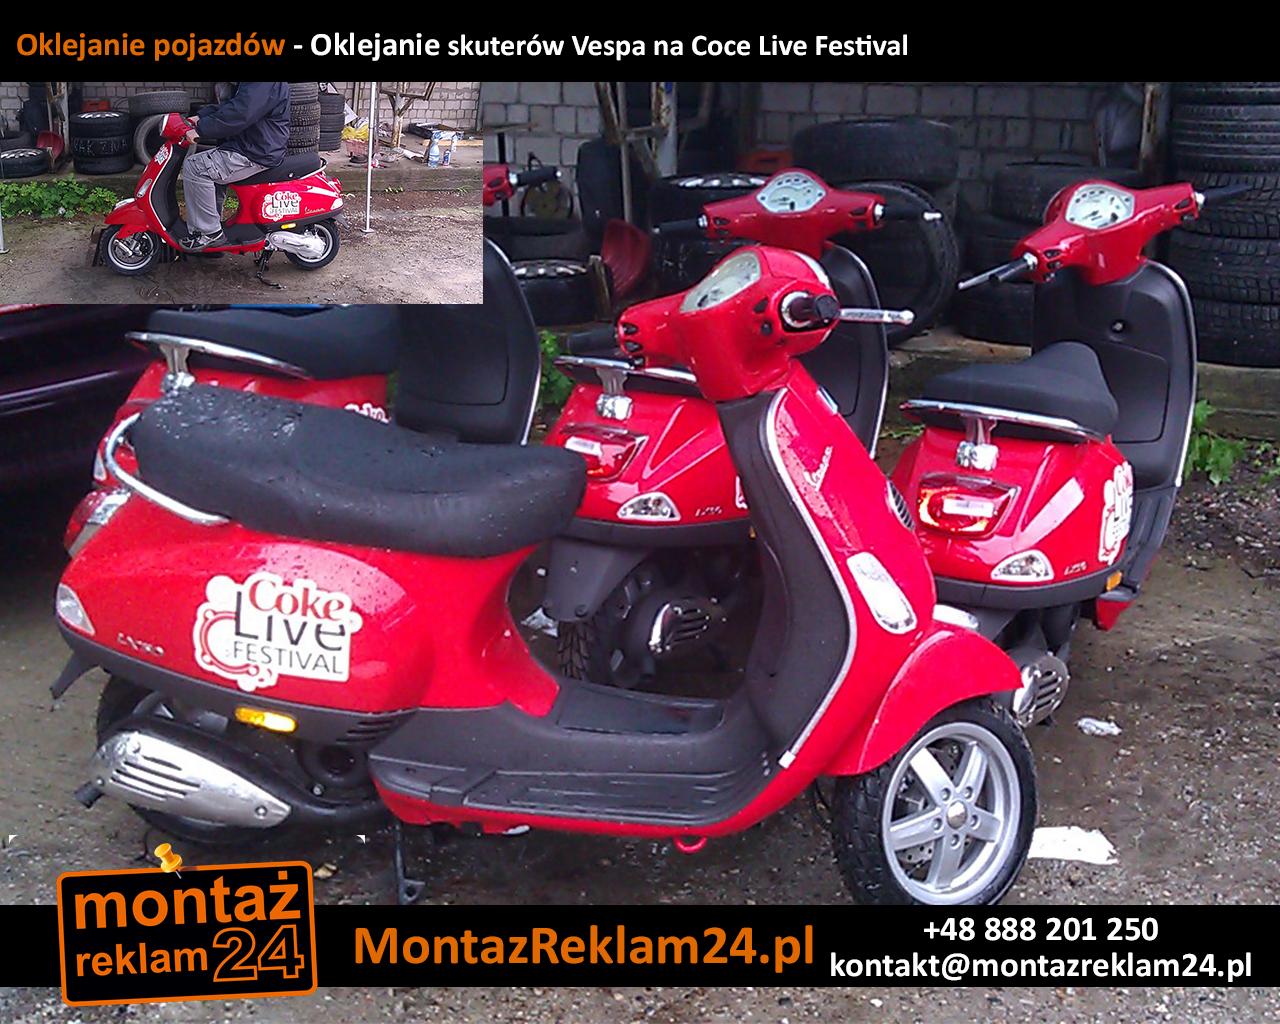 Oklejanie pojazdów - Oklejanie skuterów Vespa na Coce Live Festival.jpg